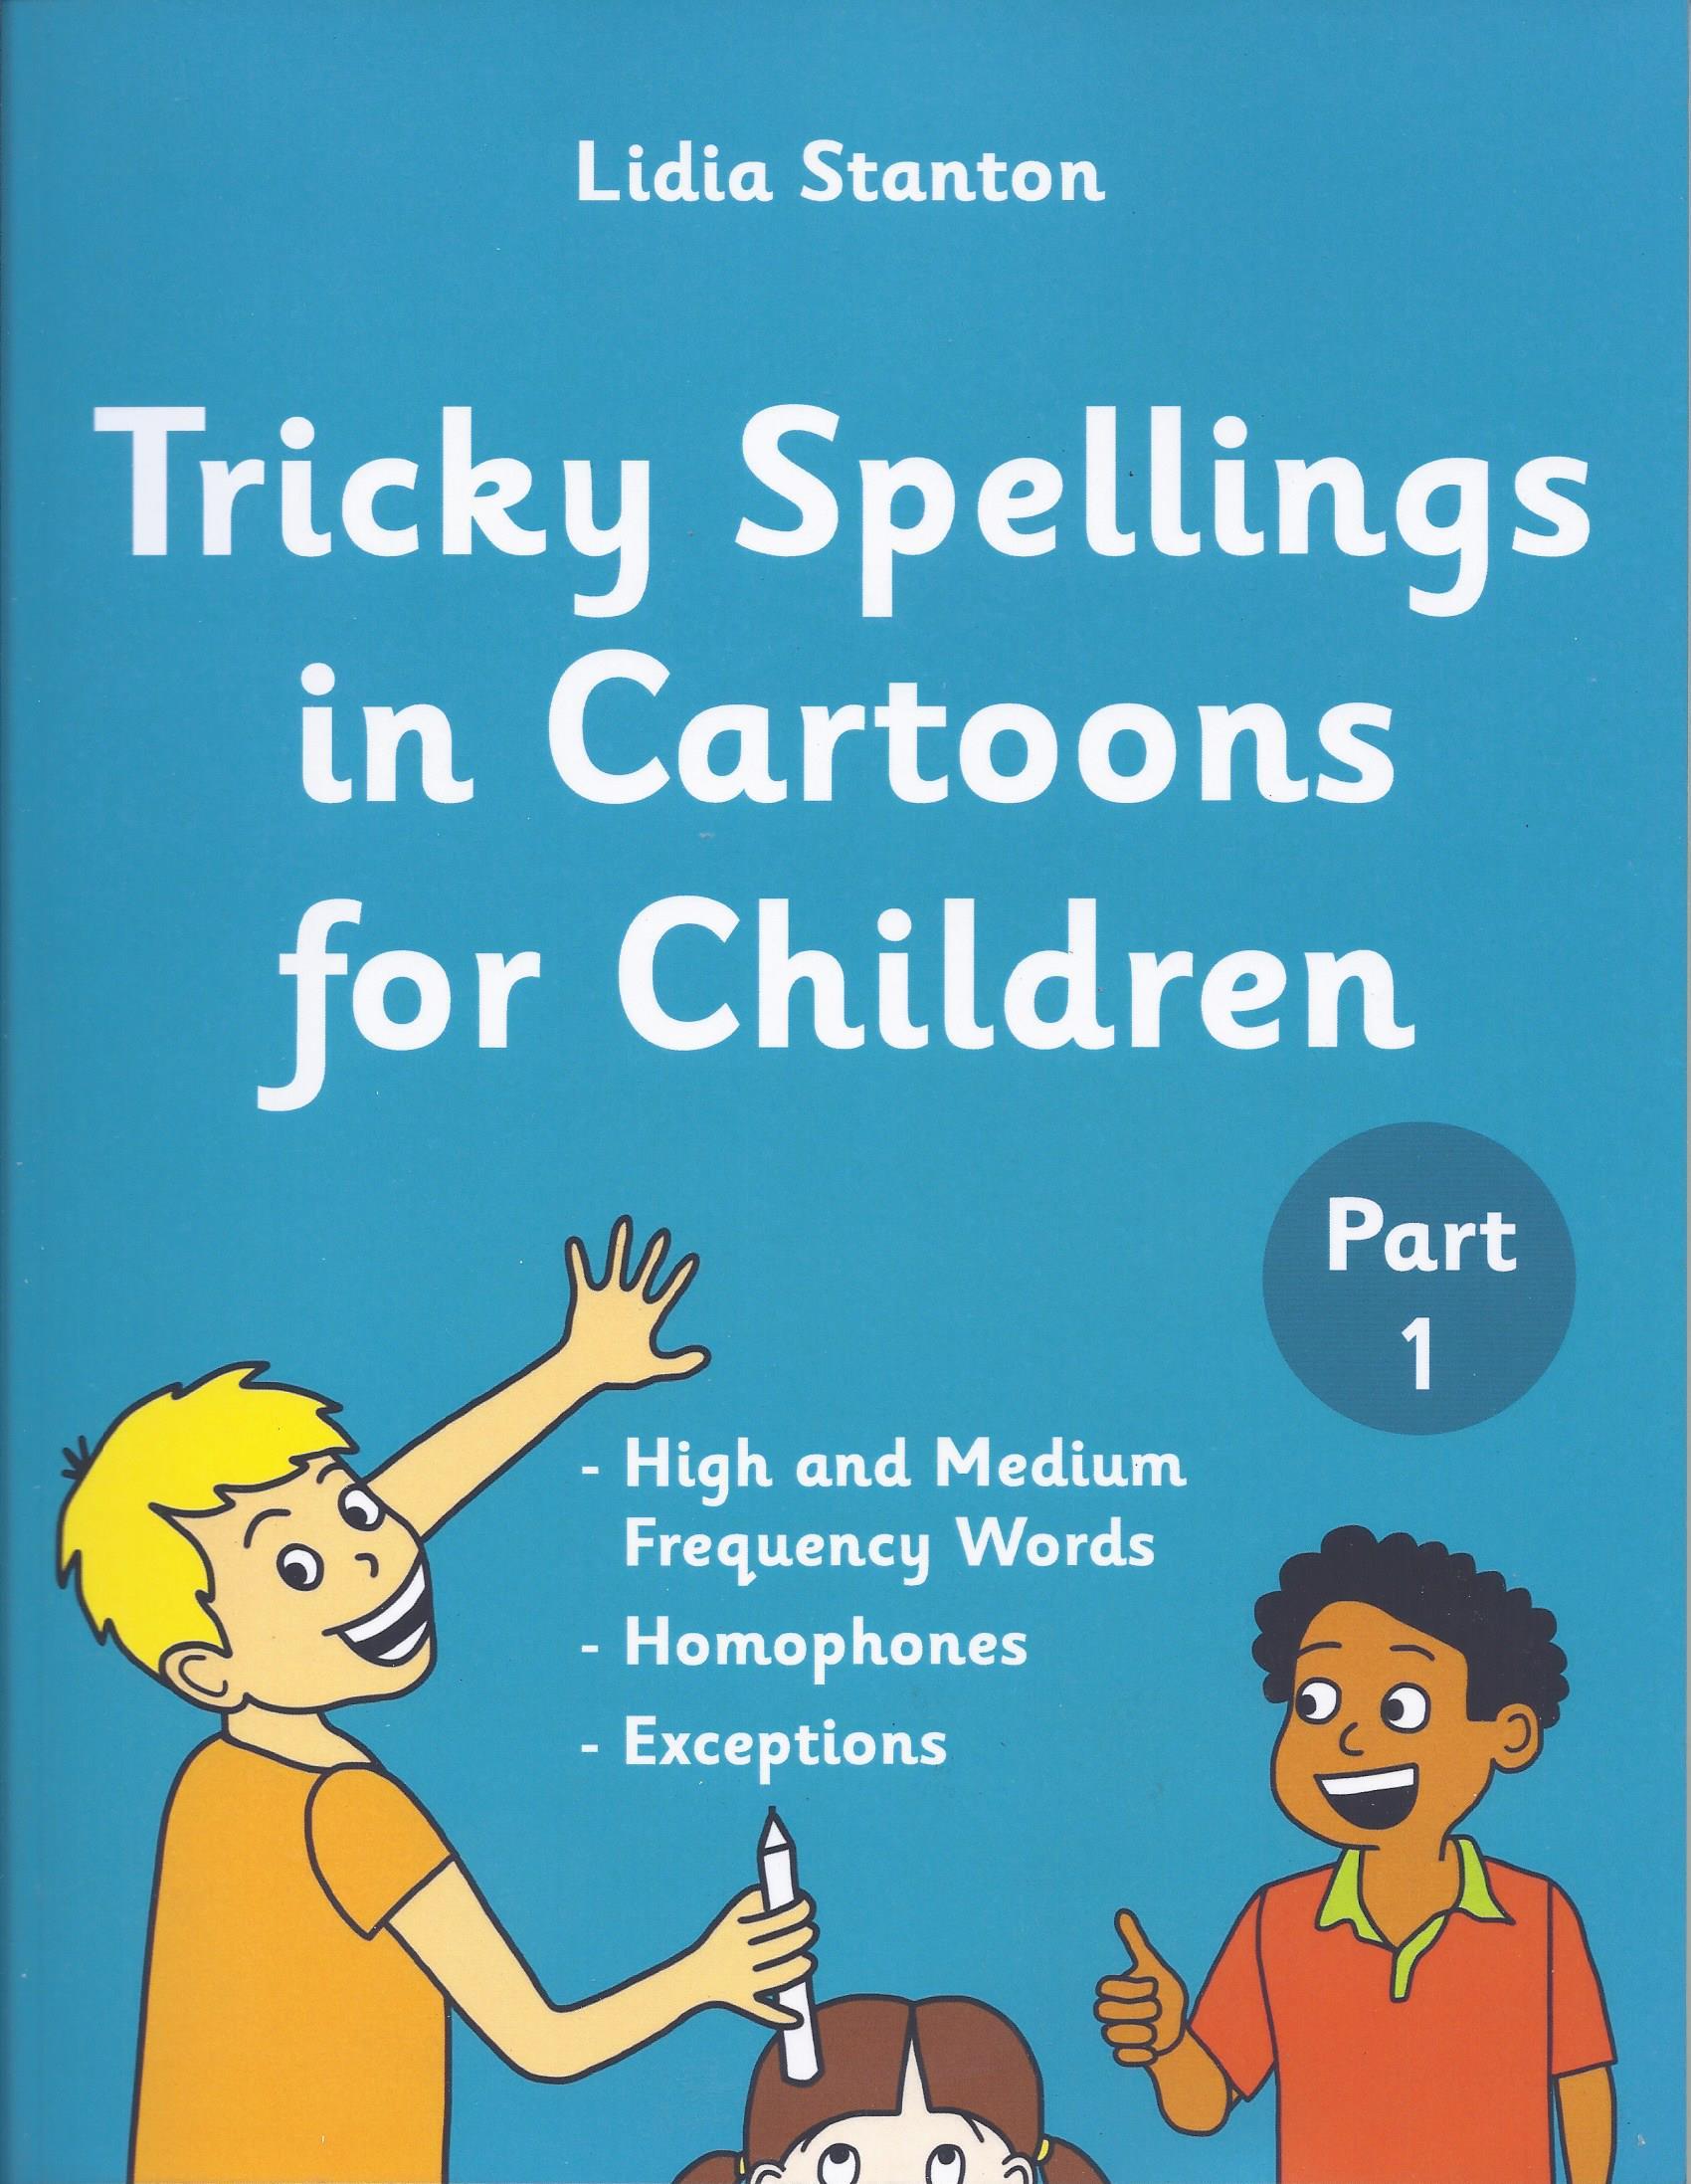 Tricky Spellings In Cartoons for Children Part 1-0